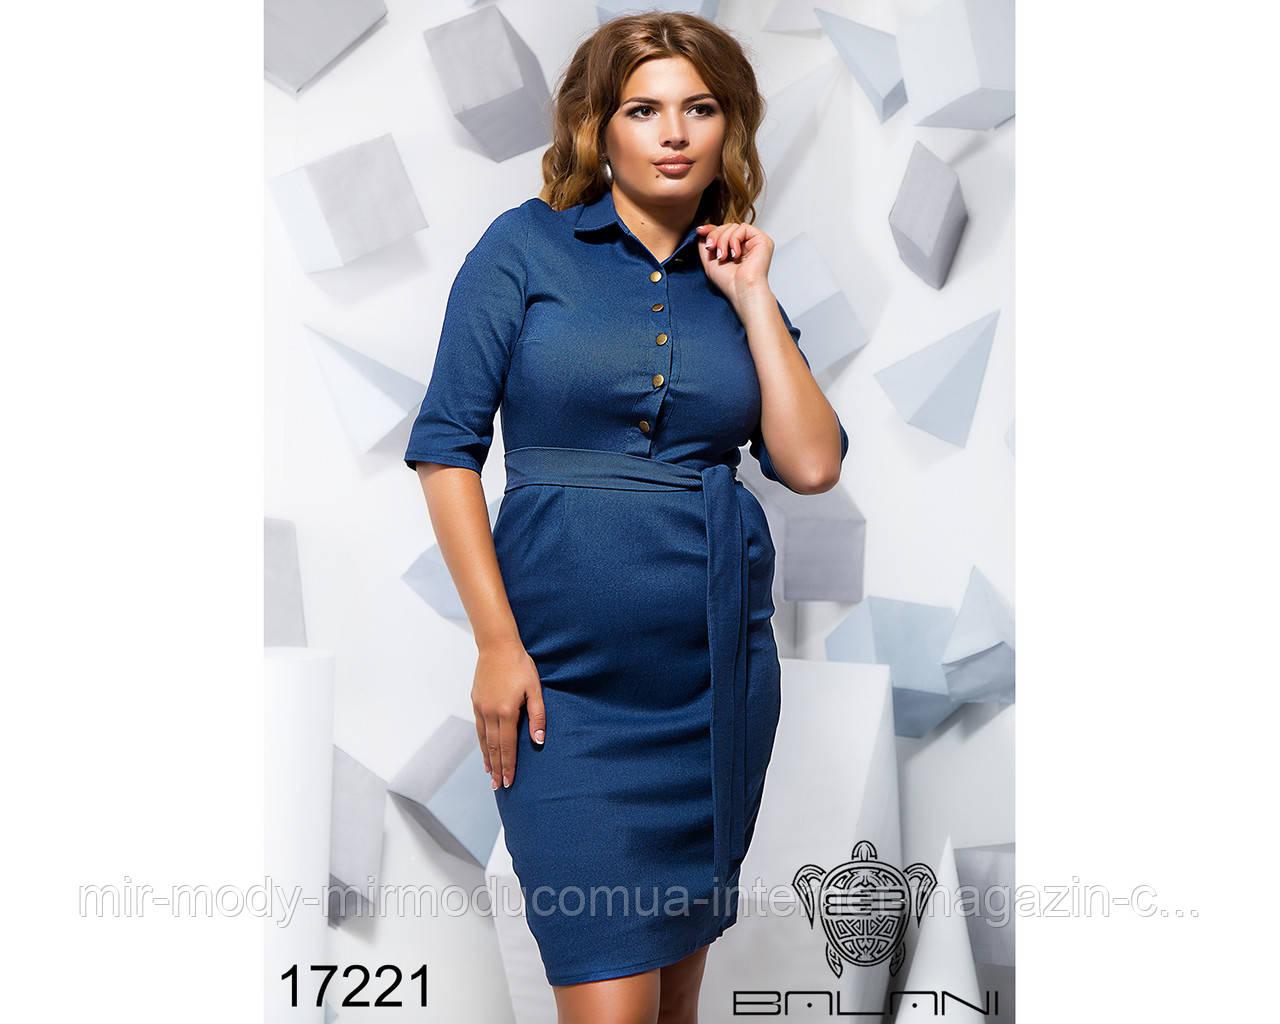 Облегающее платье с поясом - 17221(б-ни)